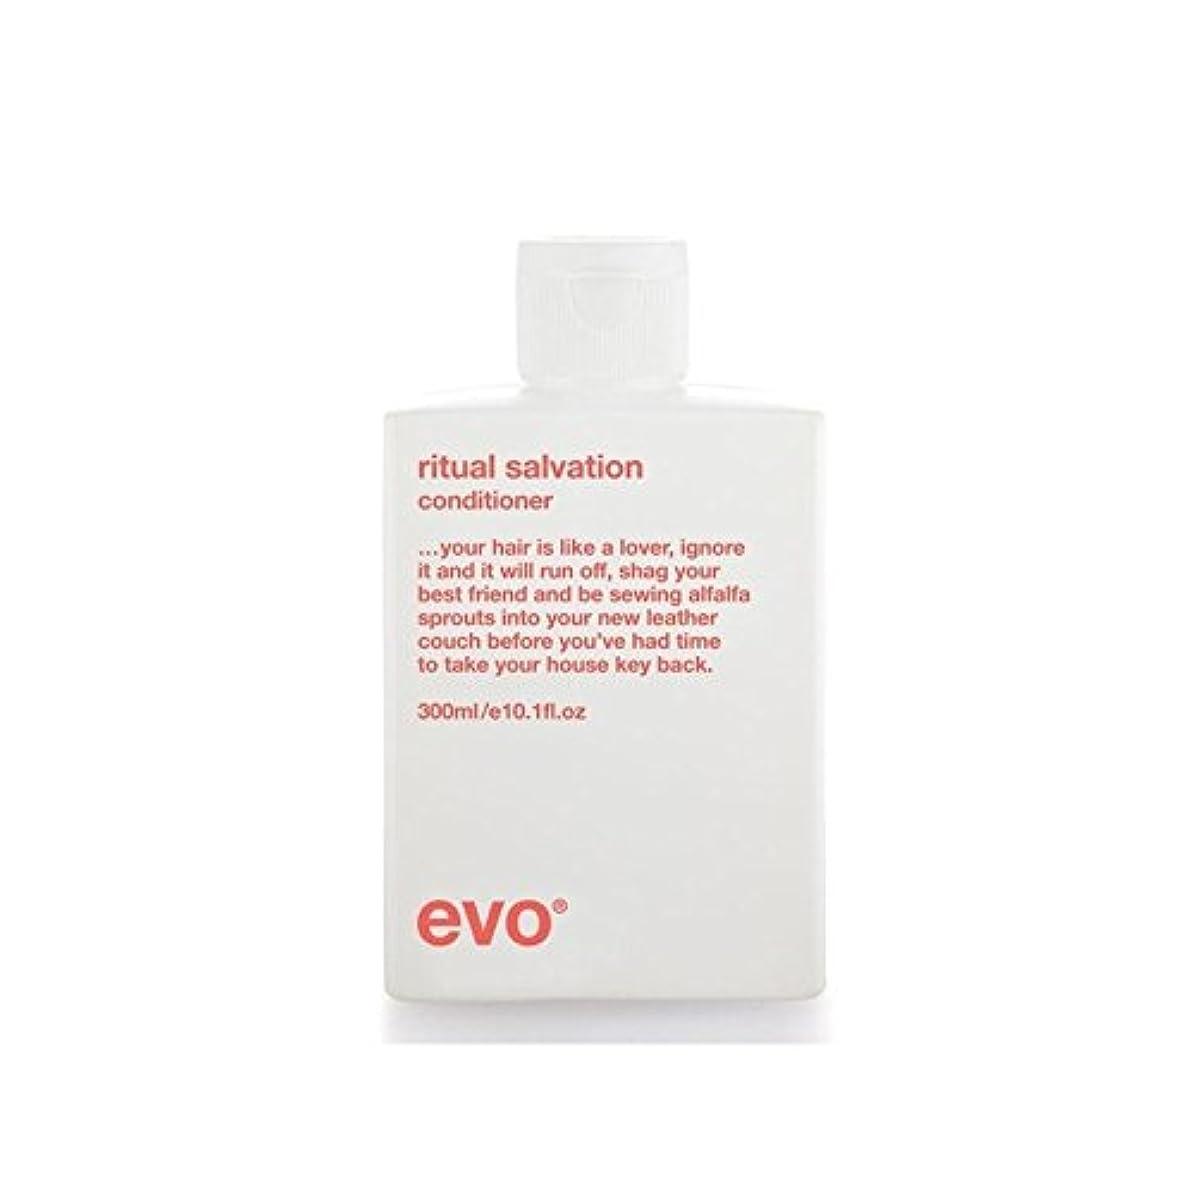 ピル冷凍庫兵隊Evo Ritual Salvation Conditioner (300ml) - 儀式救いコンディショナー(300ミリリットル) [並行輸入品]